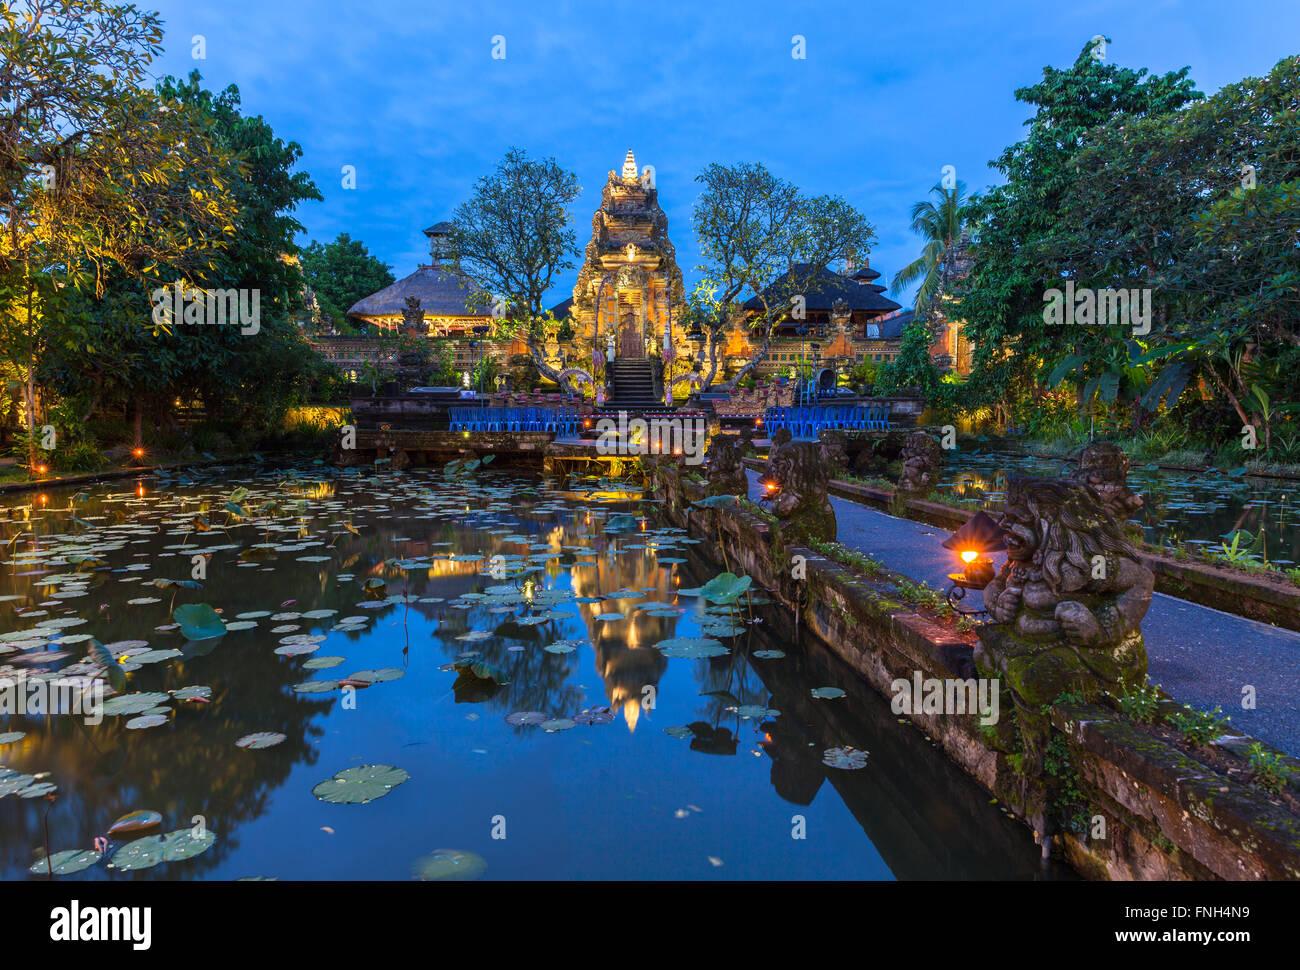 El templo Pura Saraswati con hermosas Lotus Pond al atardecer antes del show de baile, Ubud, Bali, Indonesia Imagen De Stock